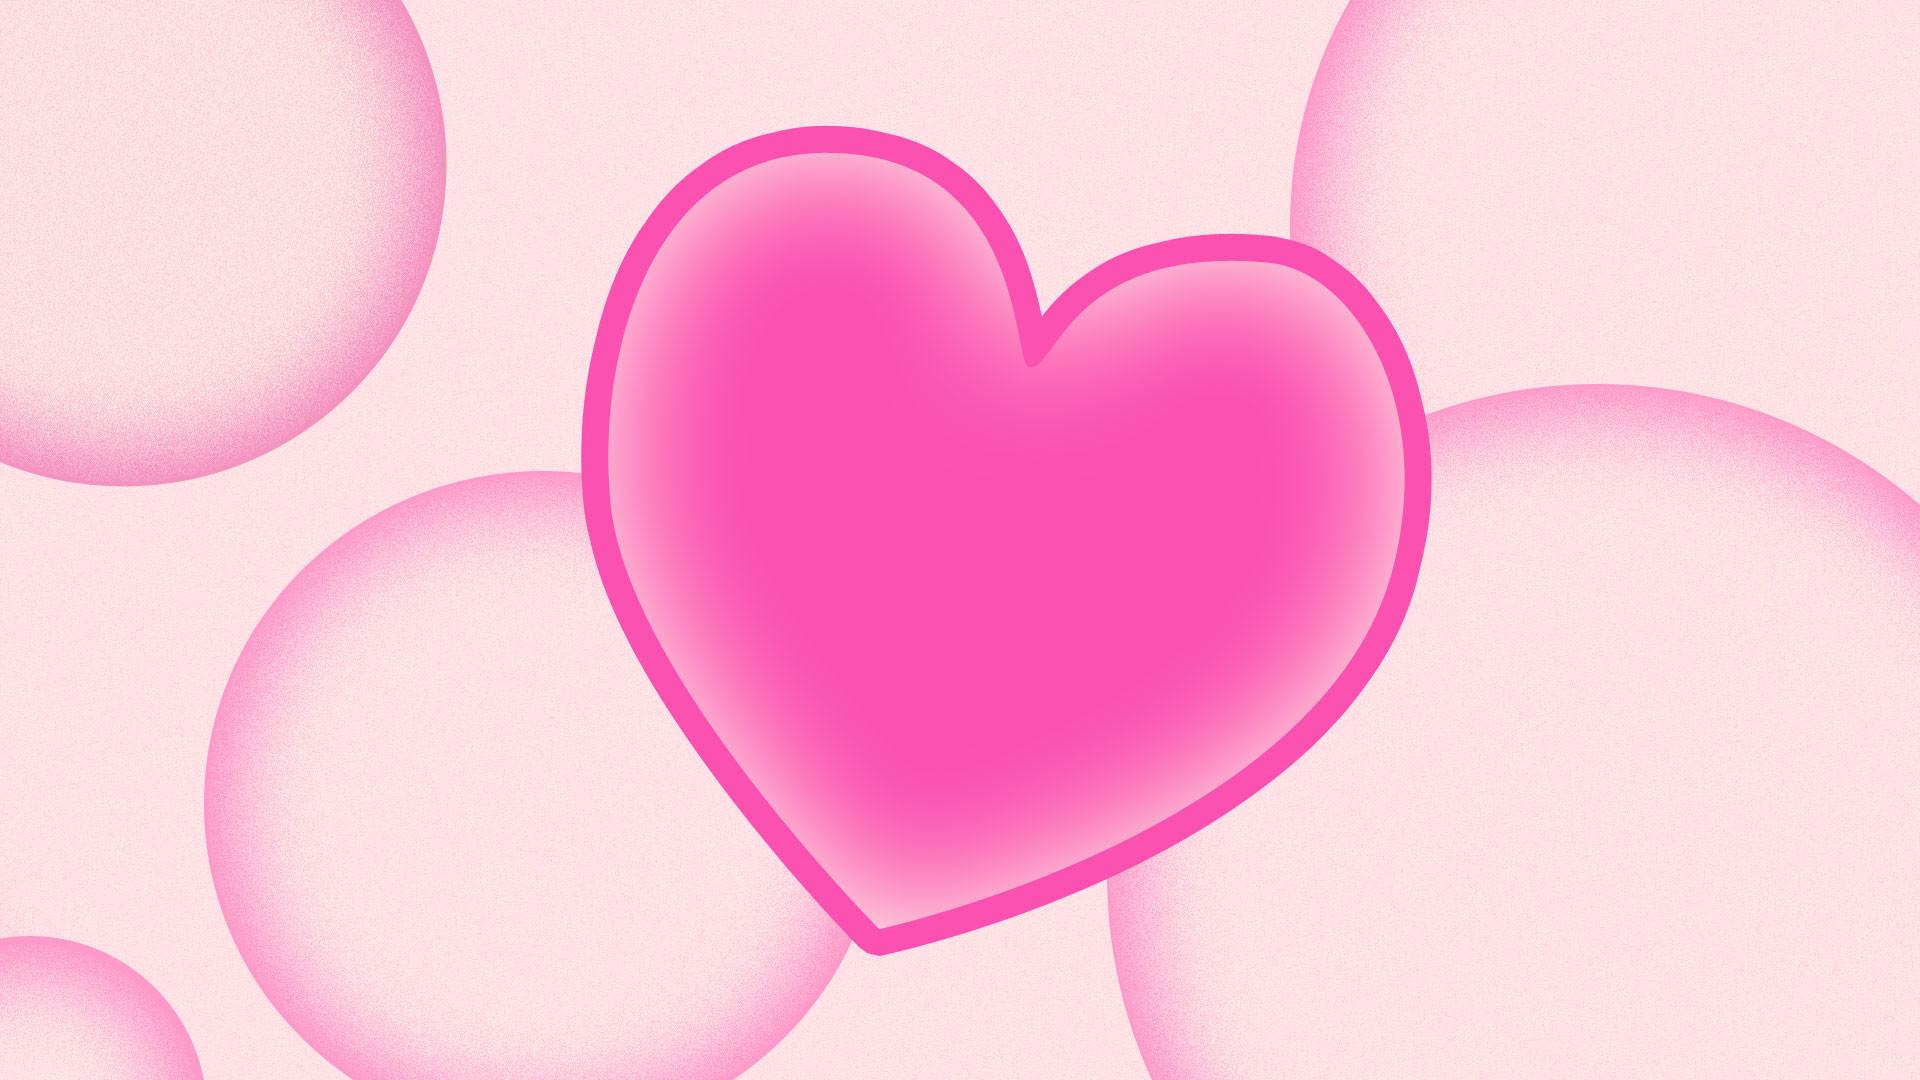 Pink Hearts Wallpaper Cute Photos Heart 23104wall.jpg